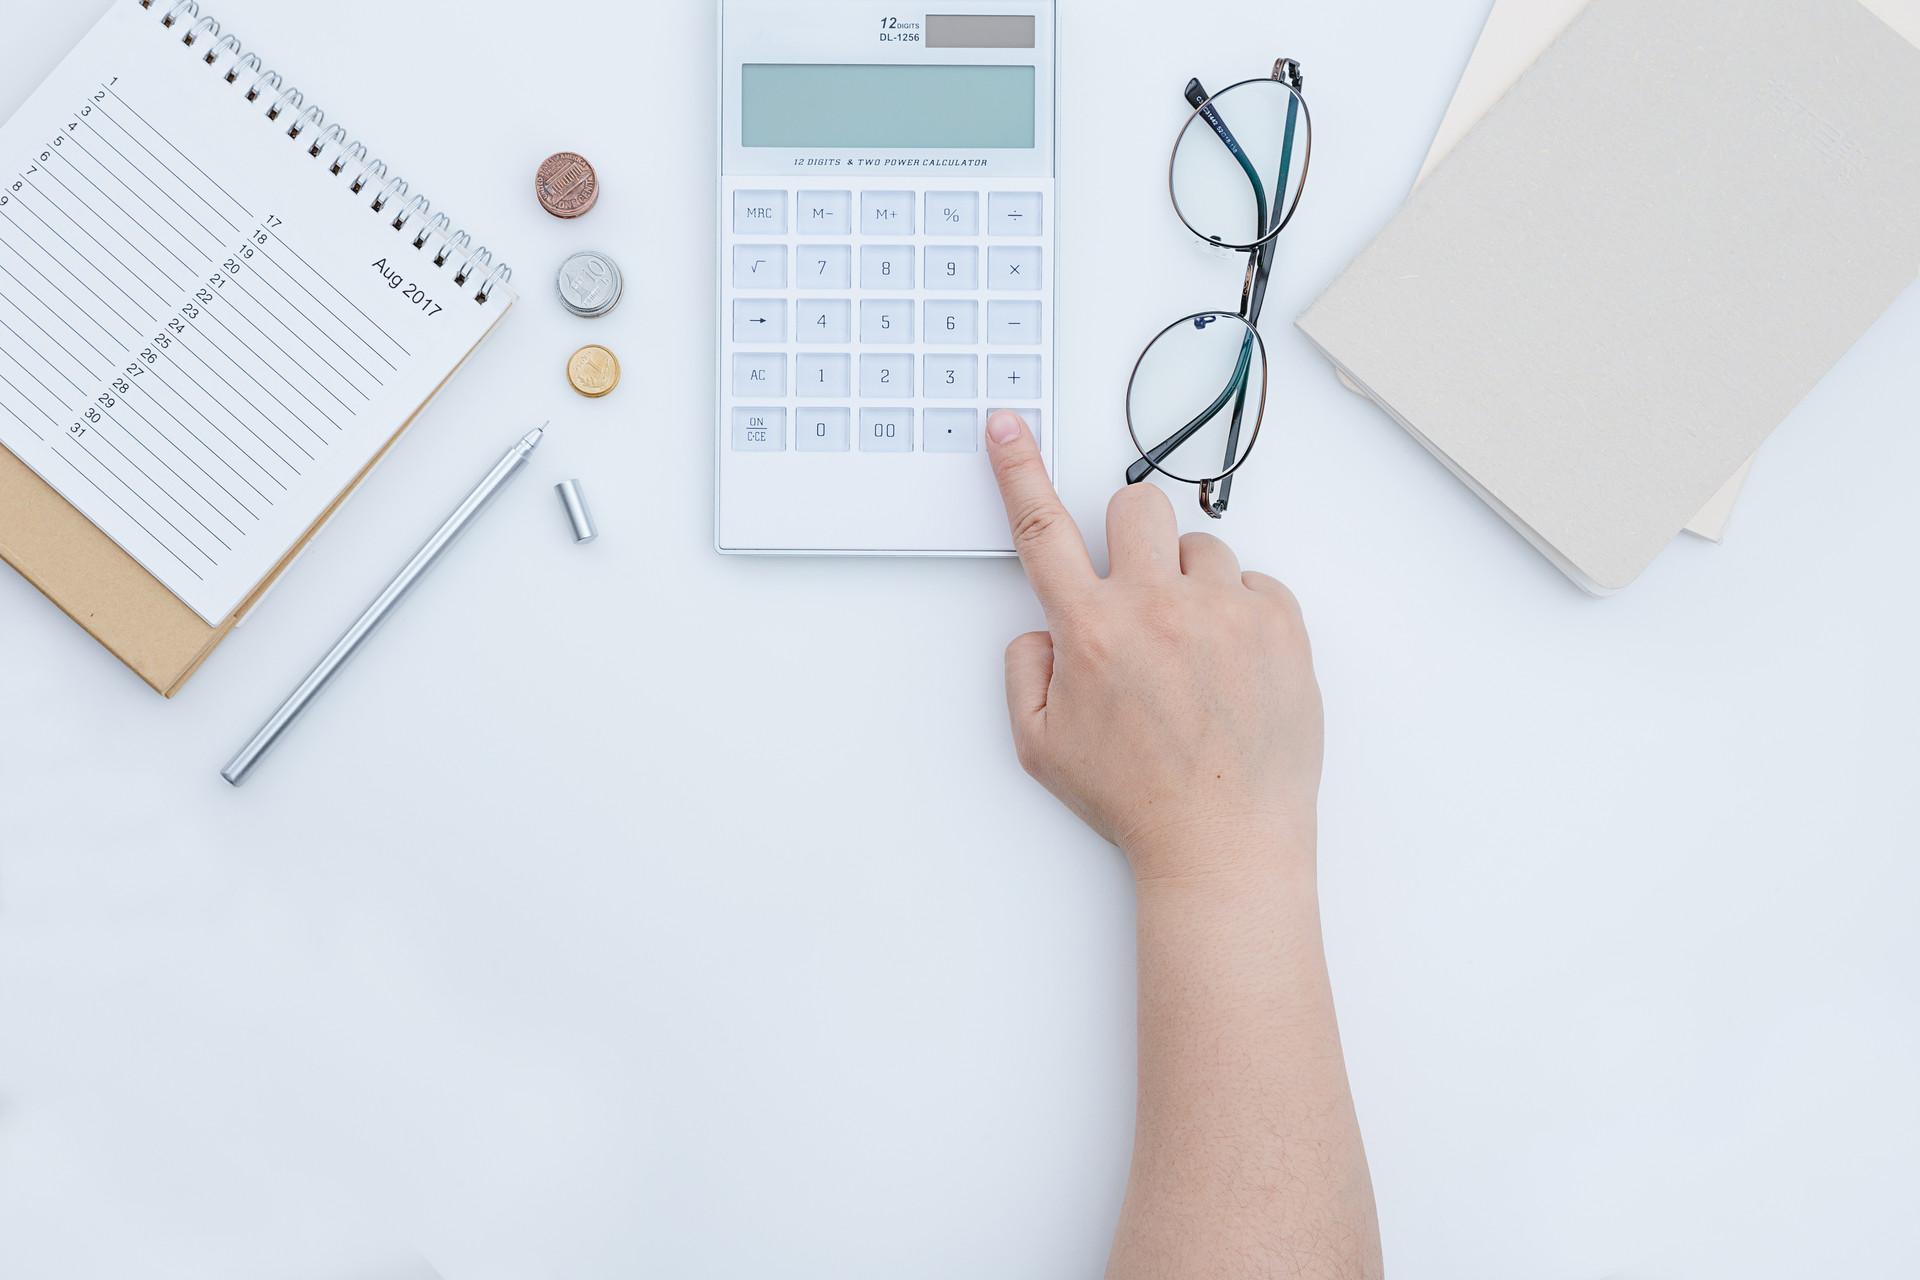 职场必备技能请收下!Excel表格怎么做工资条?